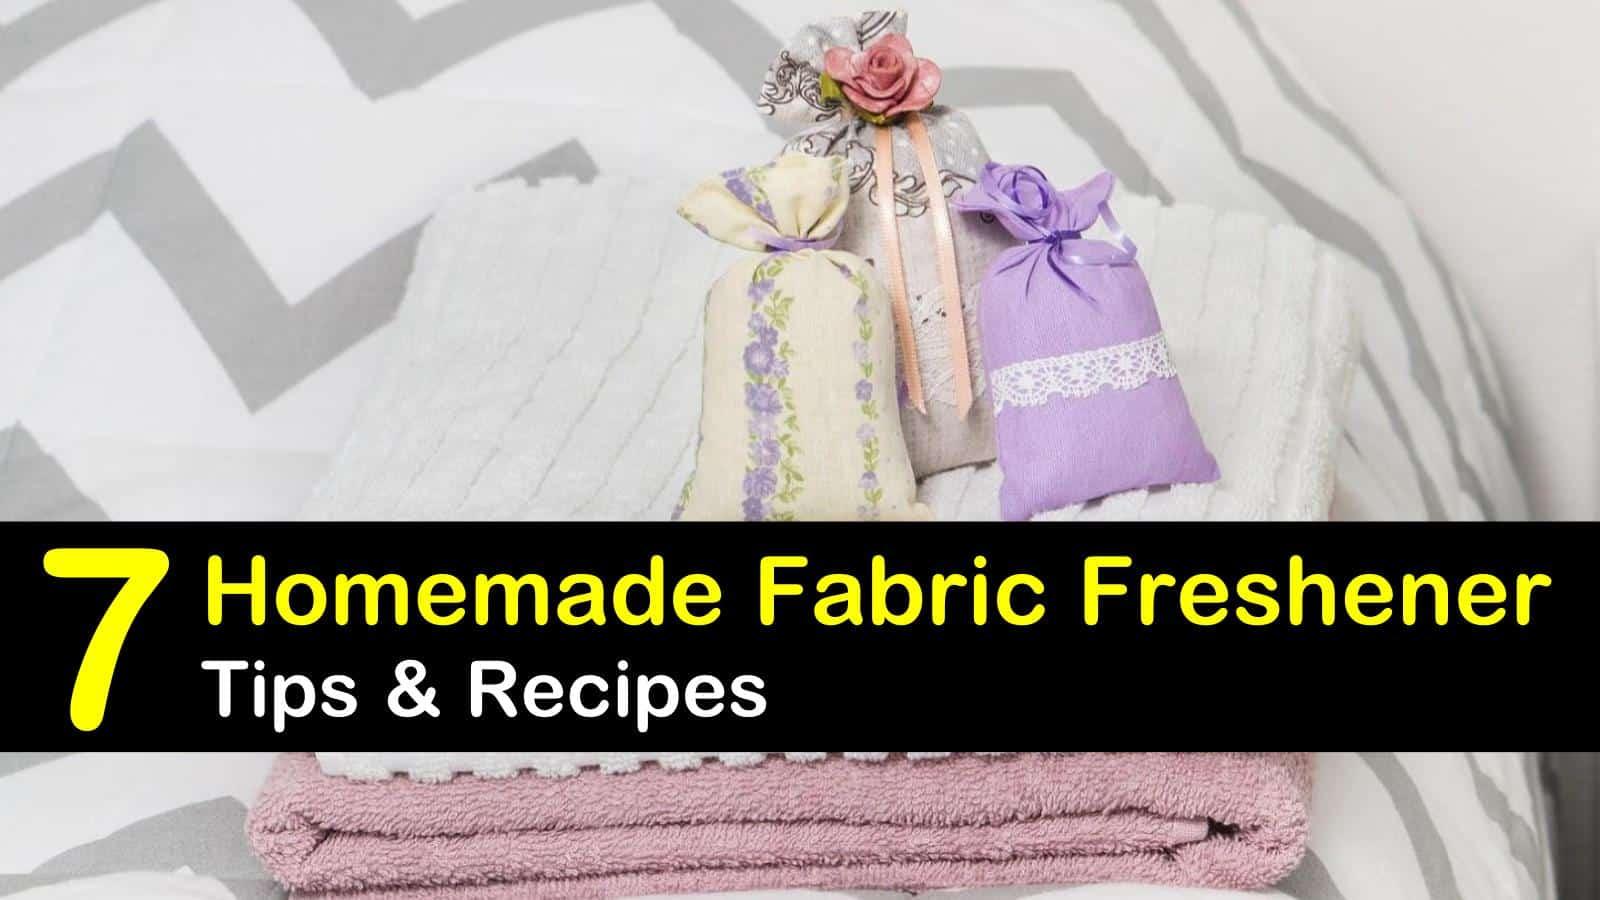 homemade fabric freshener titleimg1